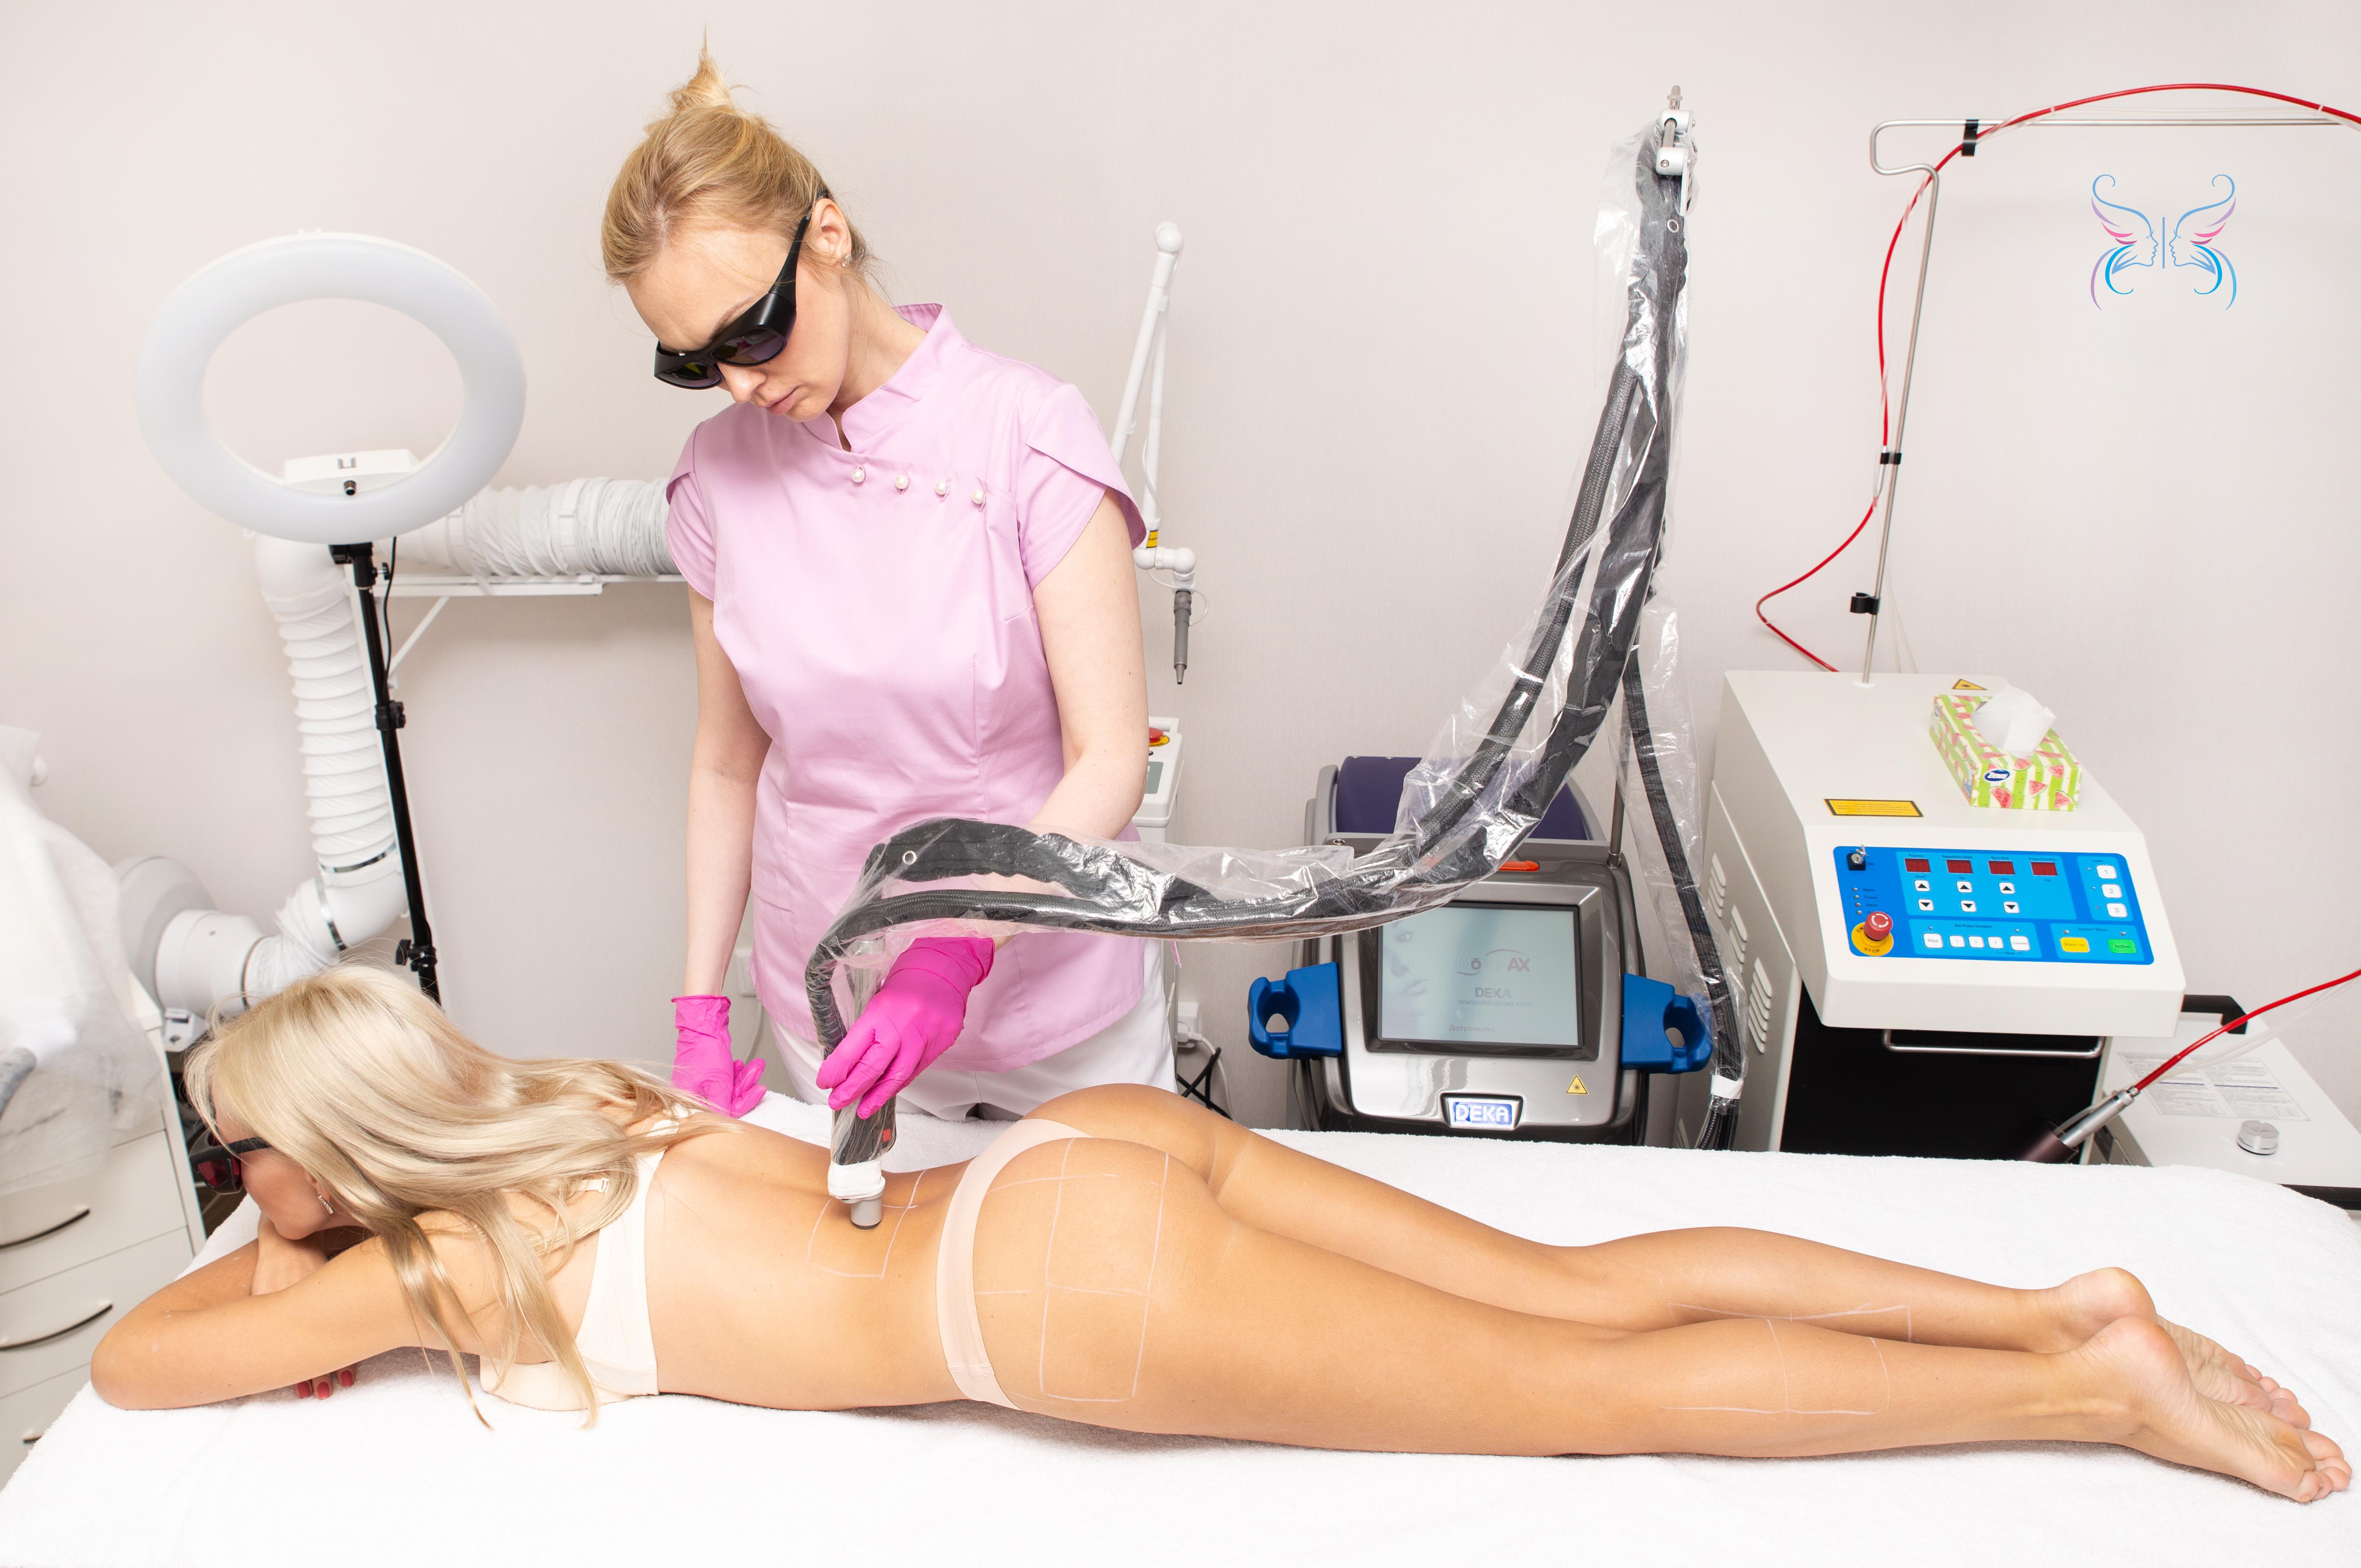 Лазерная эпиляция спины по технологии Moveo